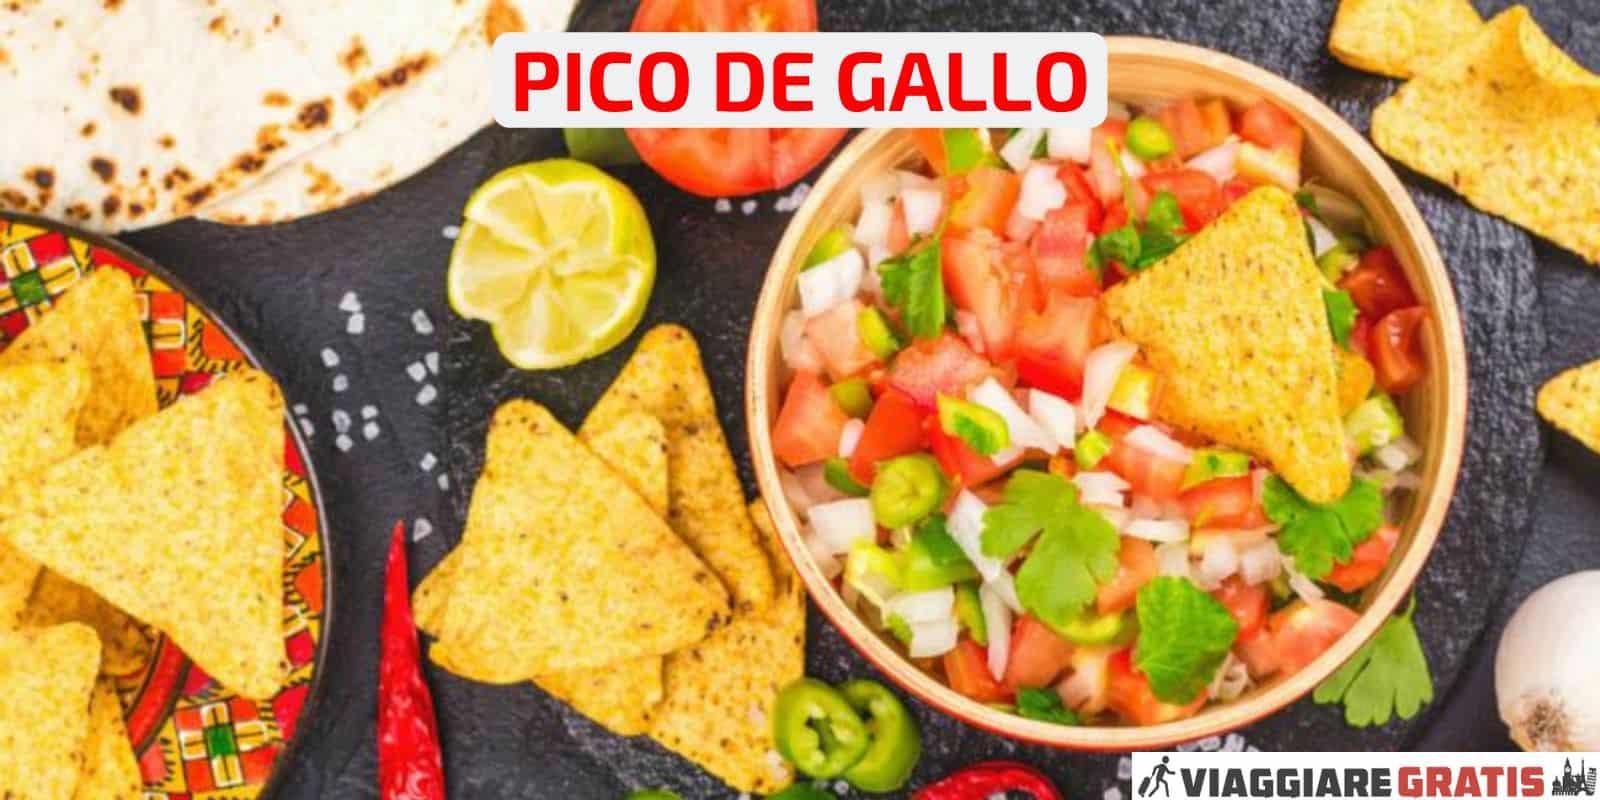 Ricetta Pico de gallo